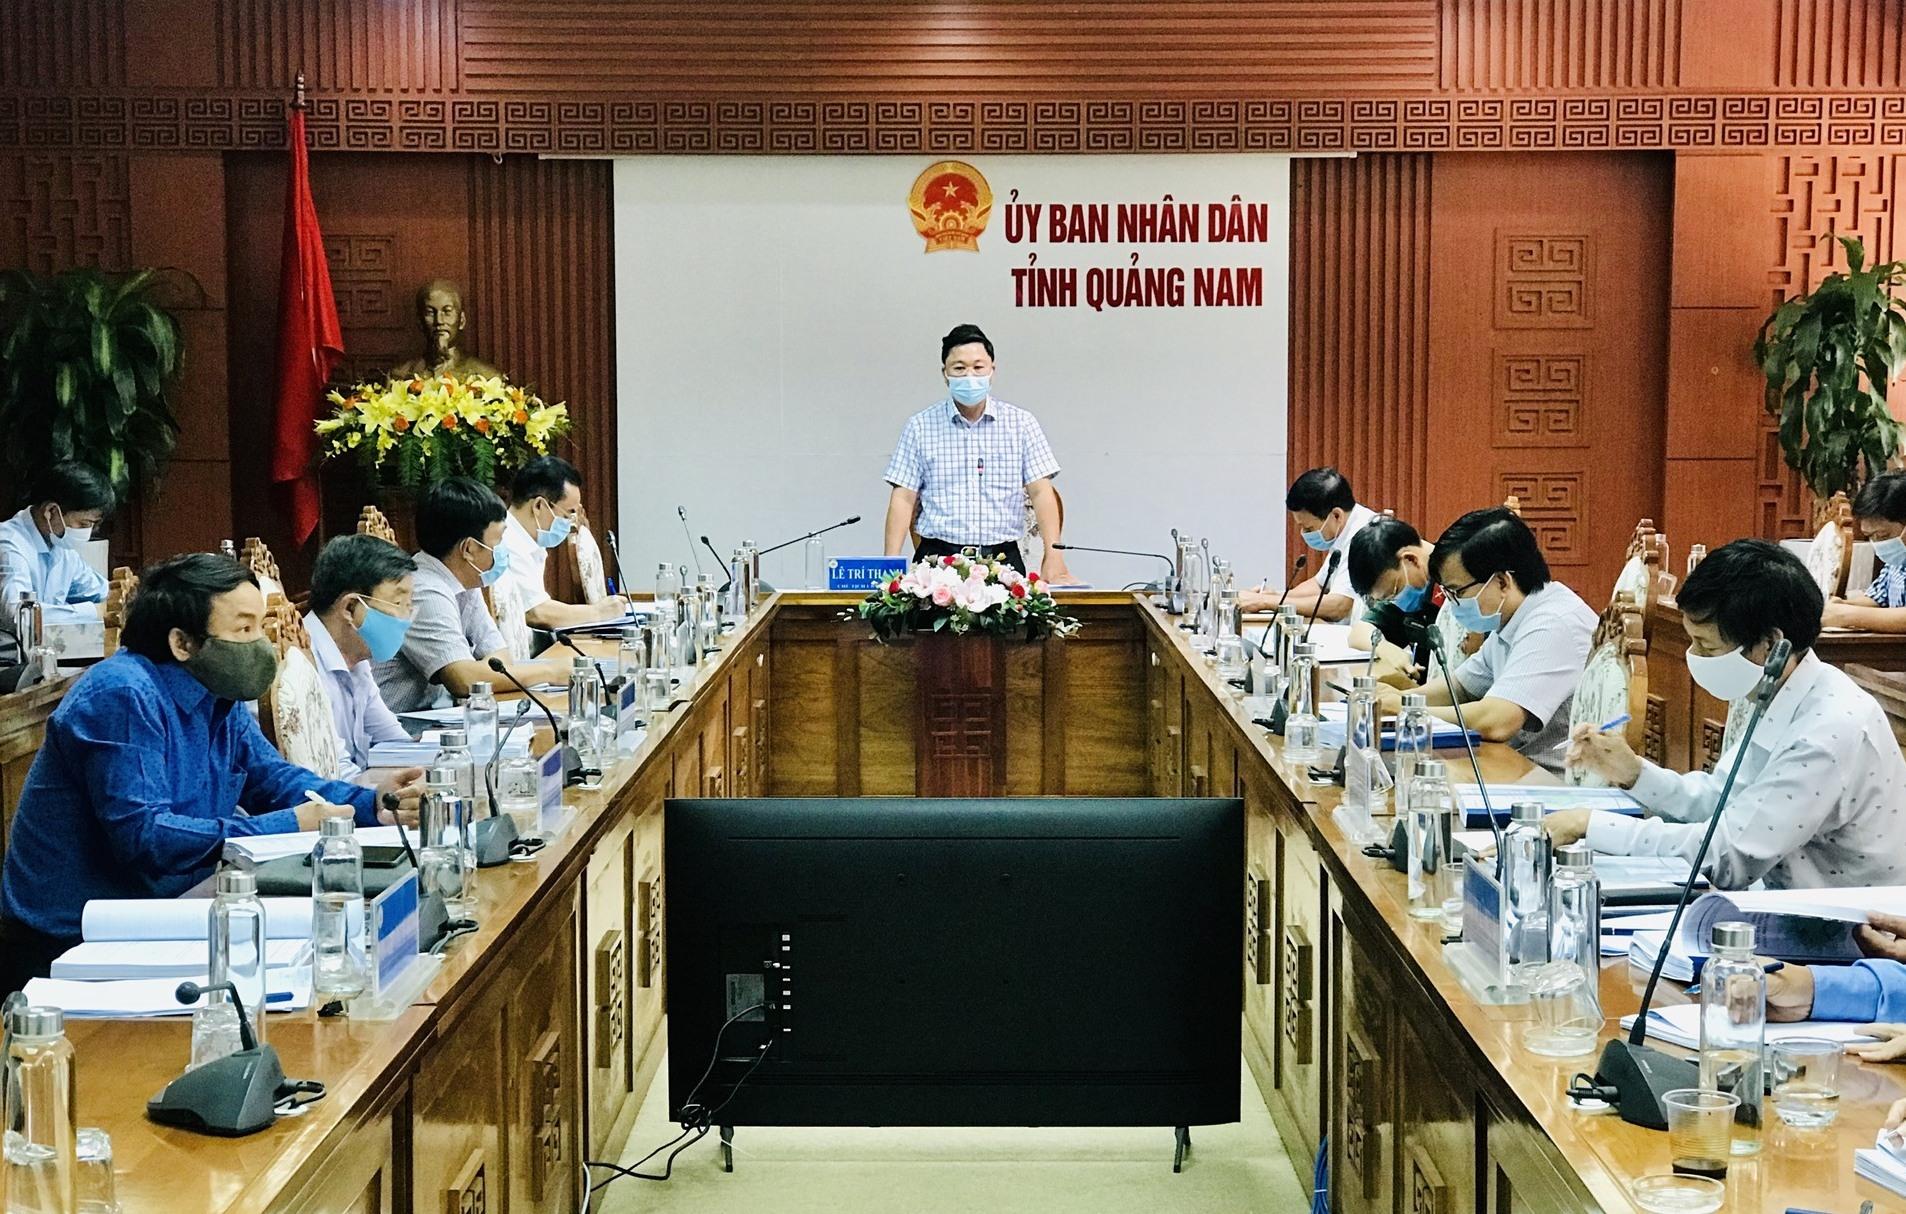 Chủ tịch UBND tỉnh Lê Trí Thanh chủ trì cuộc họp. Ảnh: Q.T